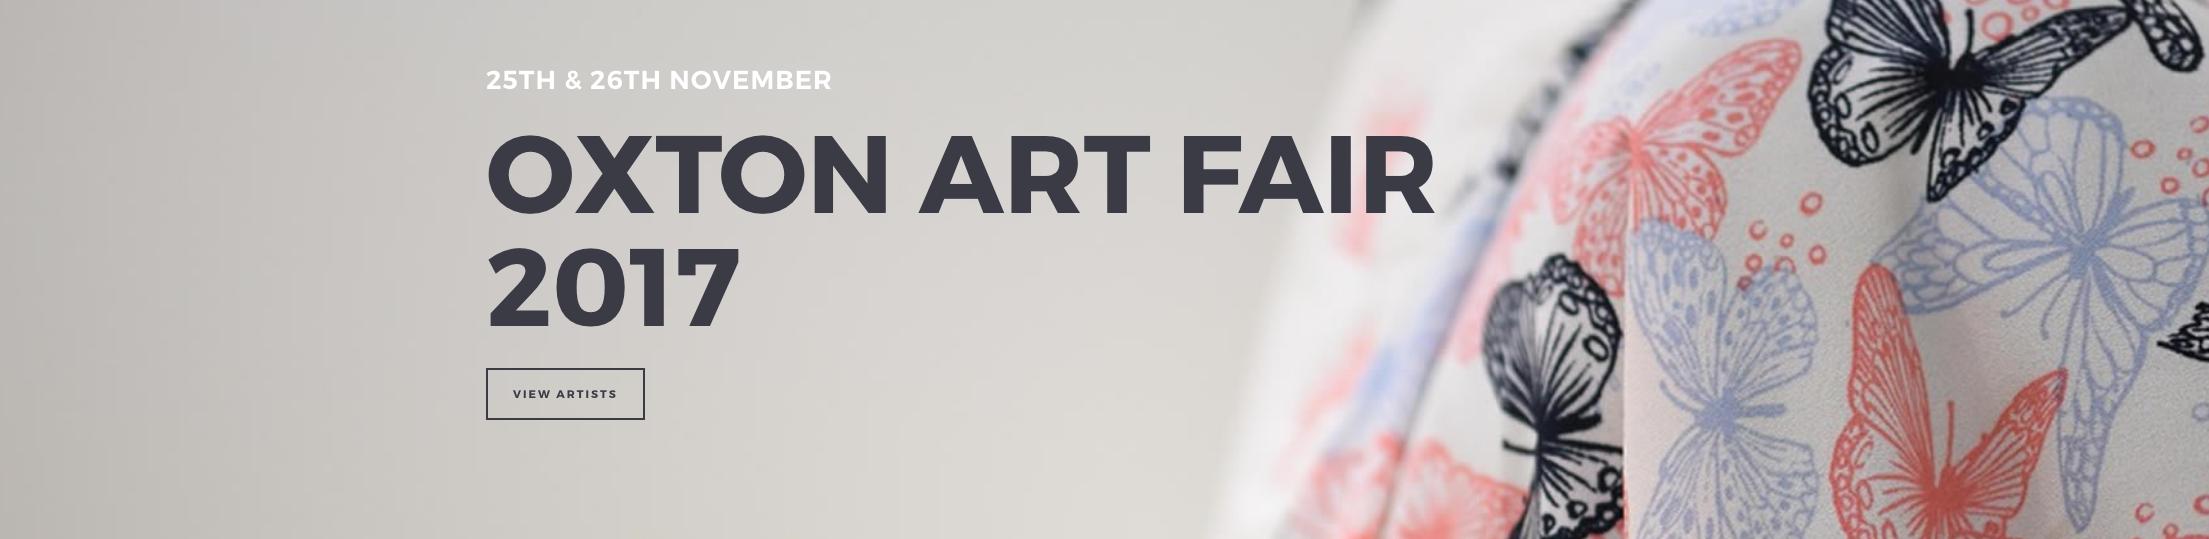 Oxton Art Fair 2017